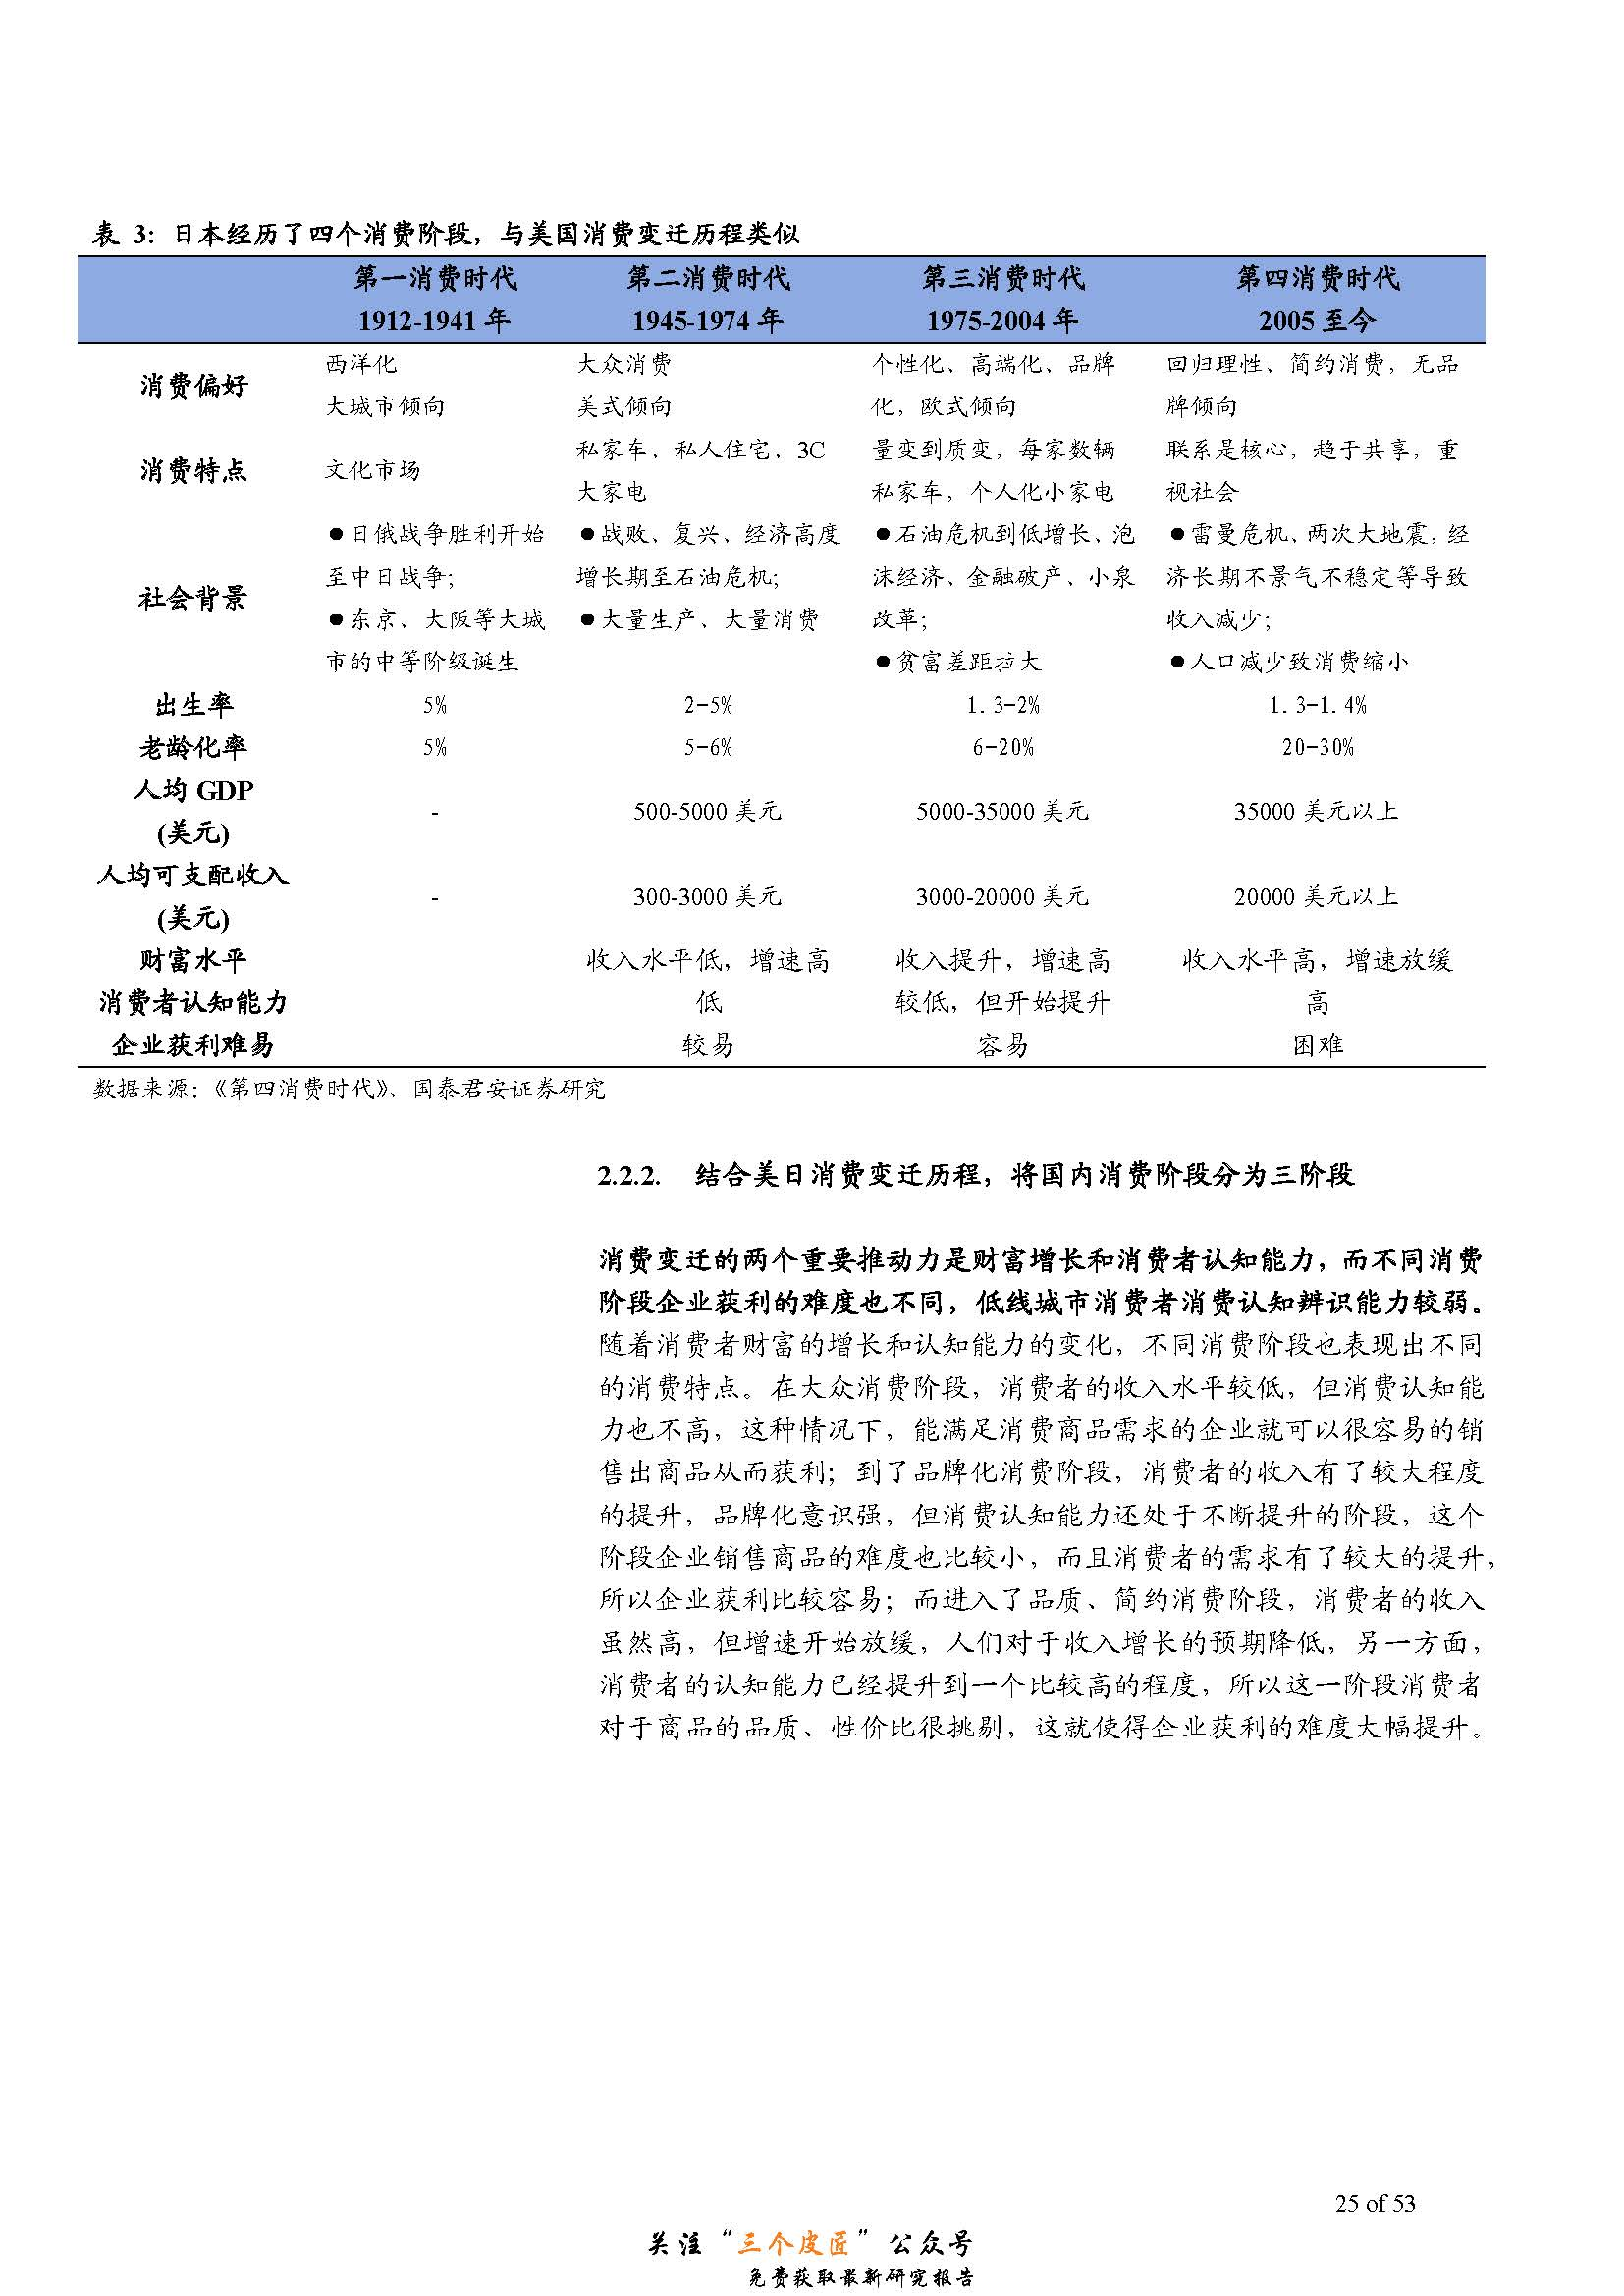 1_页面_25.jpg